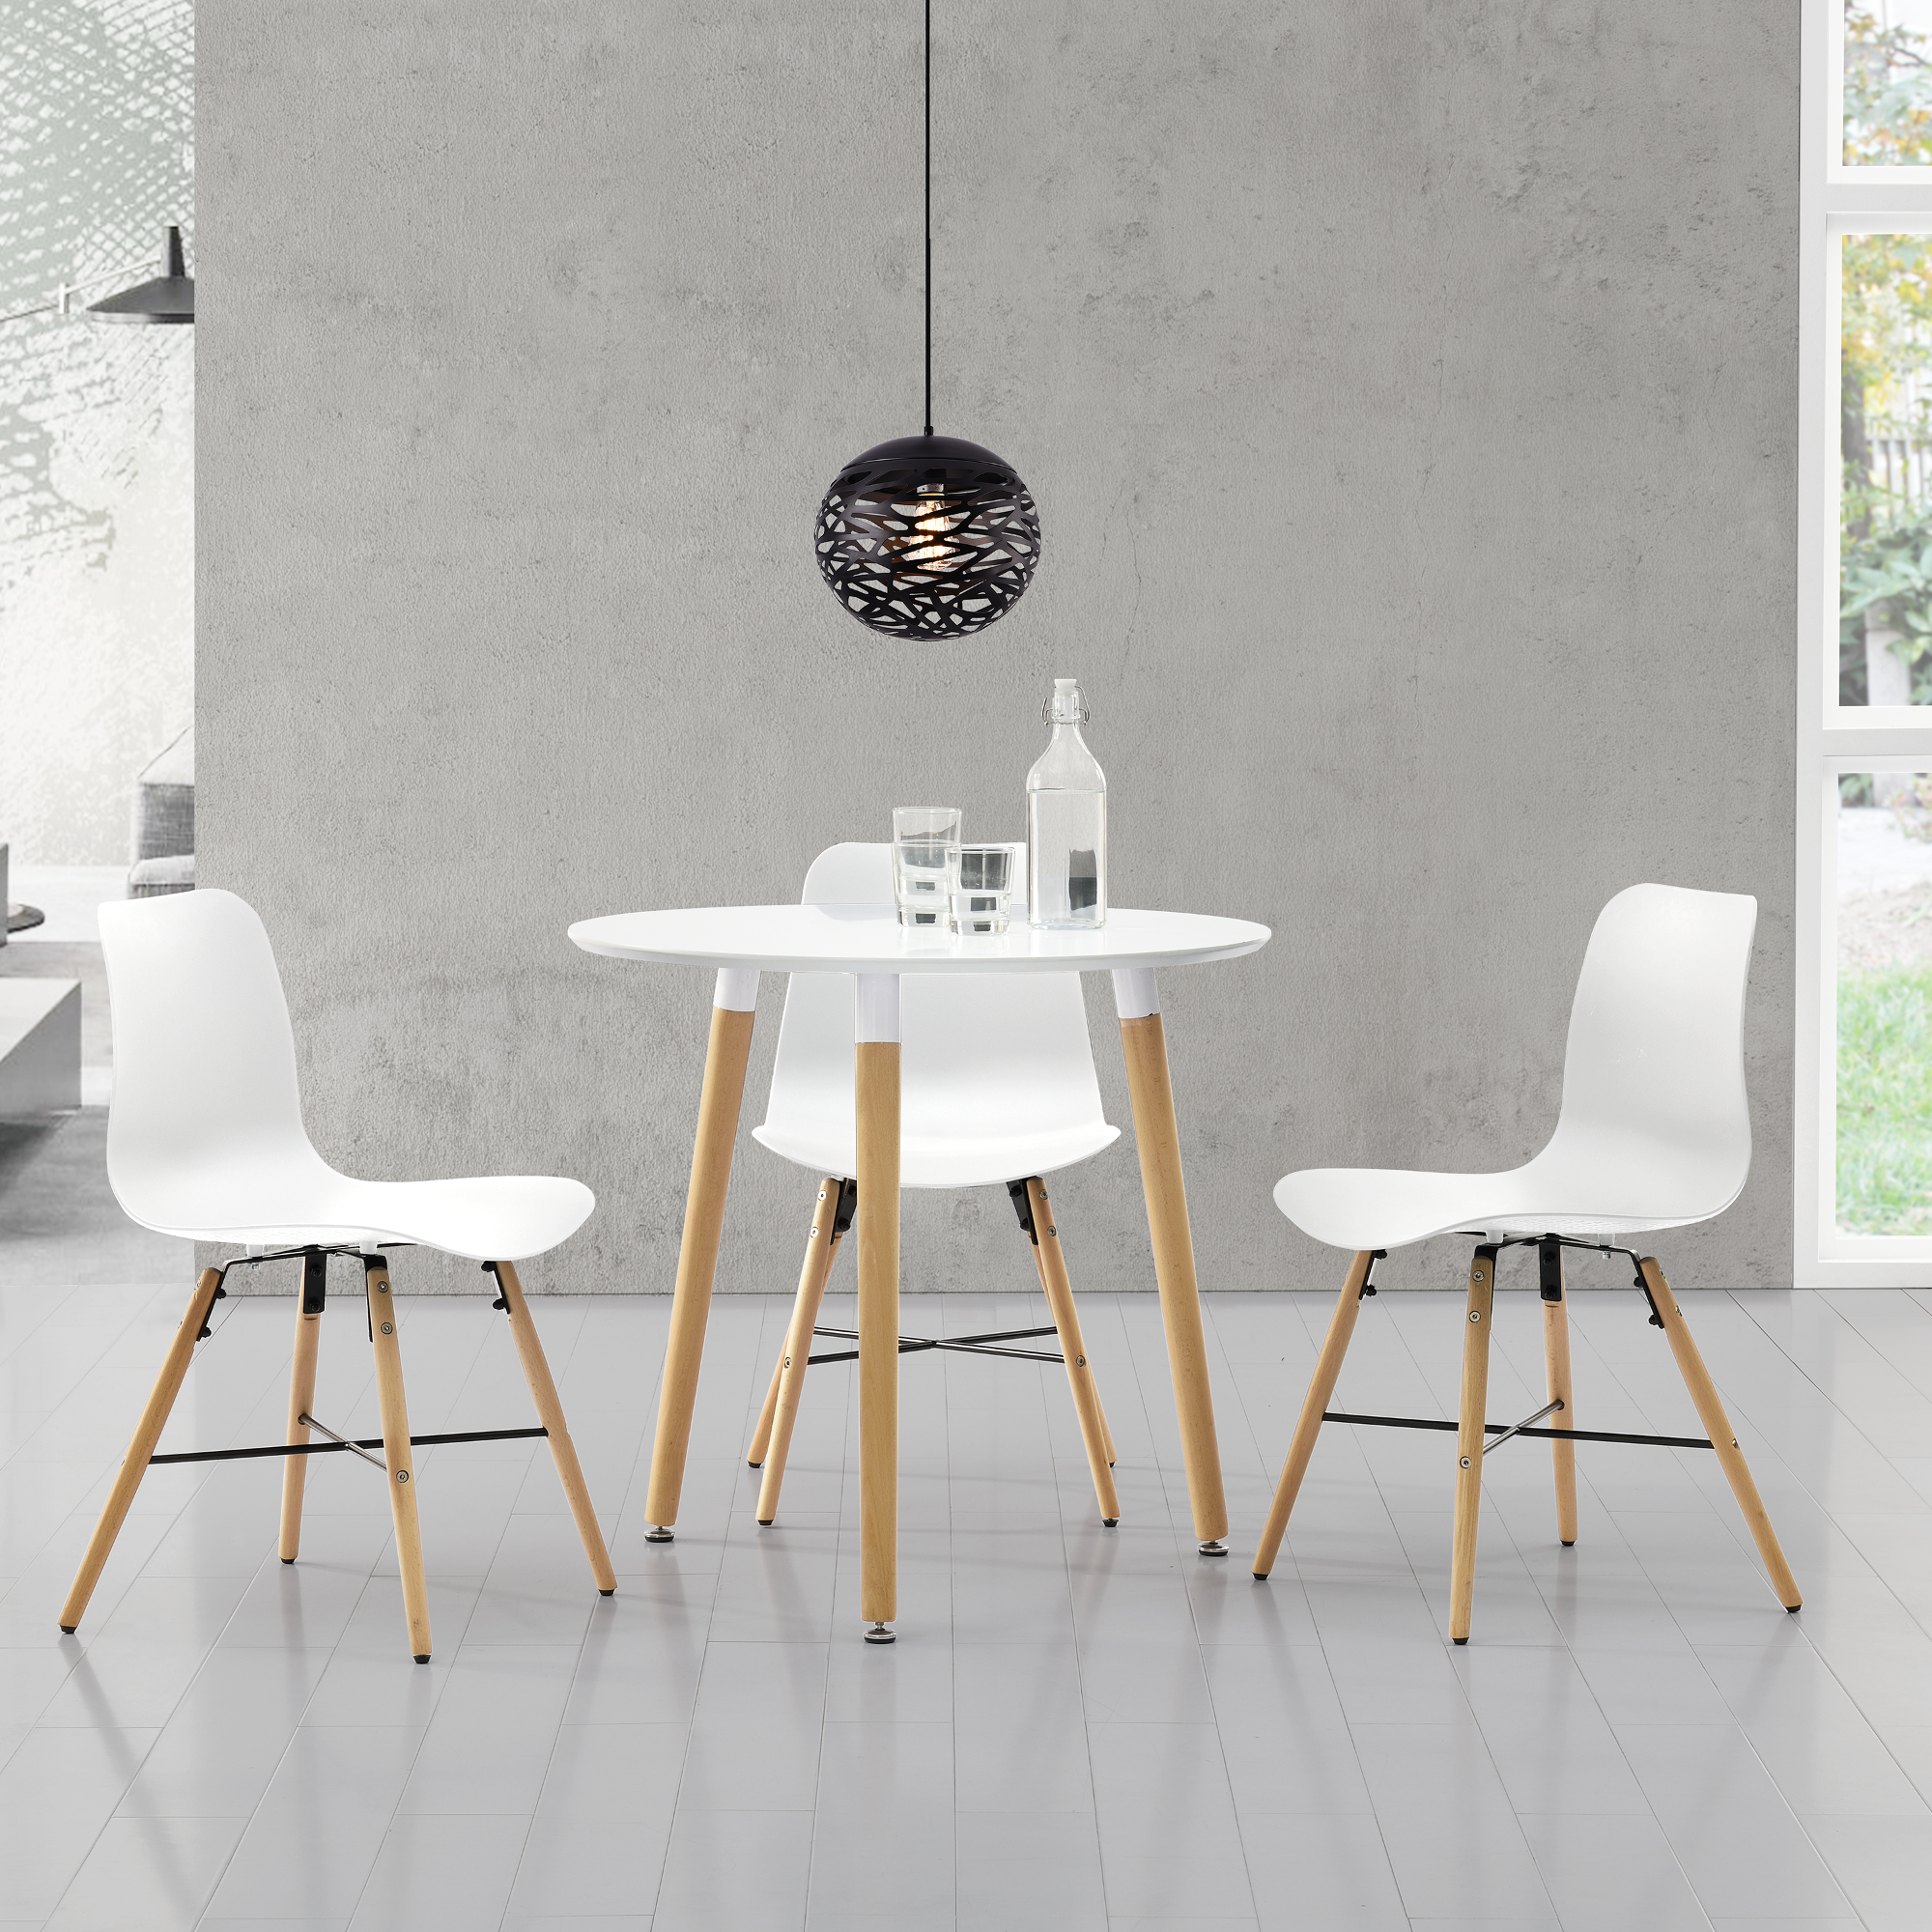 esstisch wei mit 3 st hlen wei 80cm tisch st hle mit muster set ebay. Black Bedroom Furniture Sets. Home Design Ideas